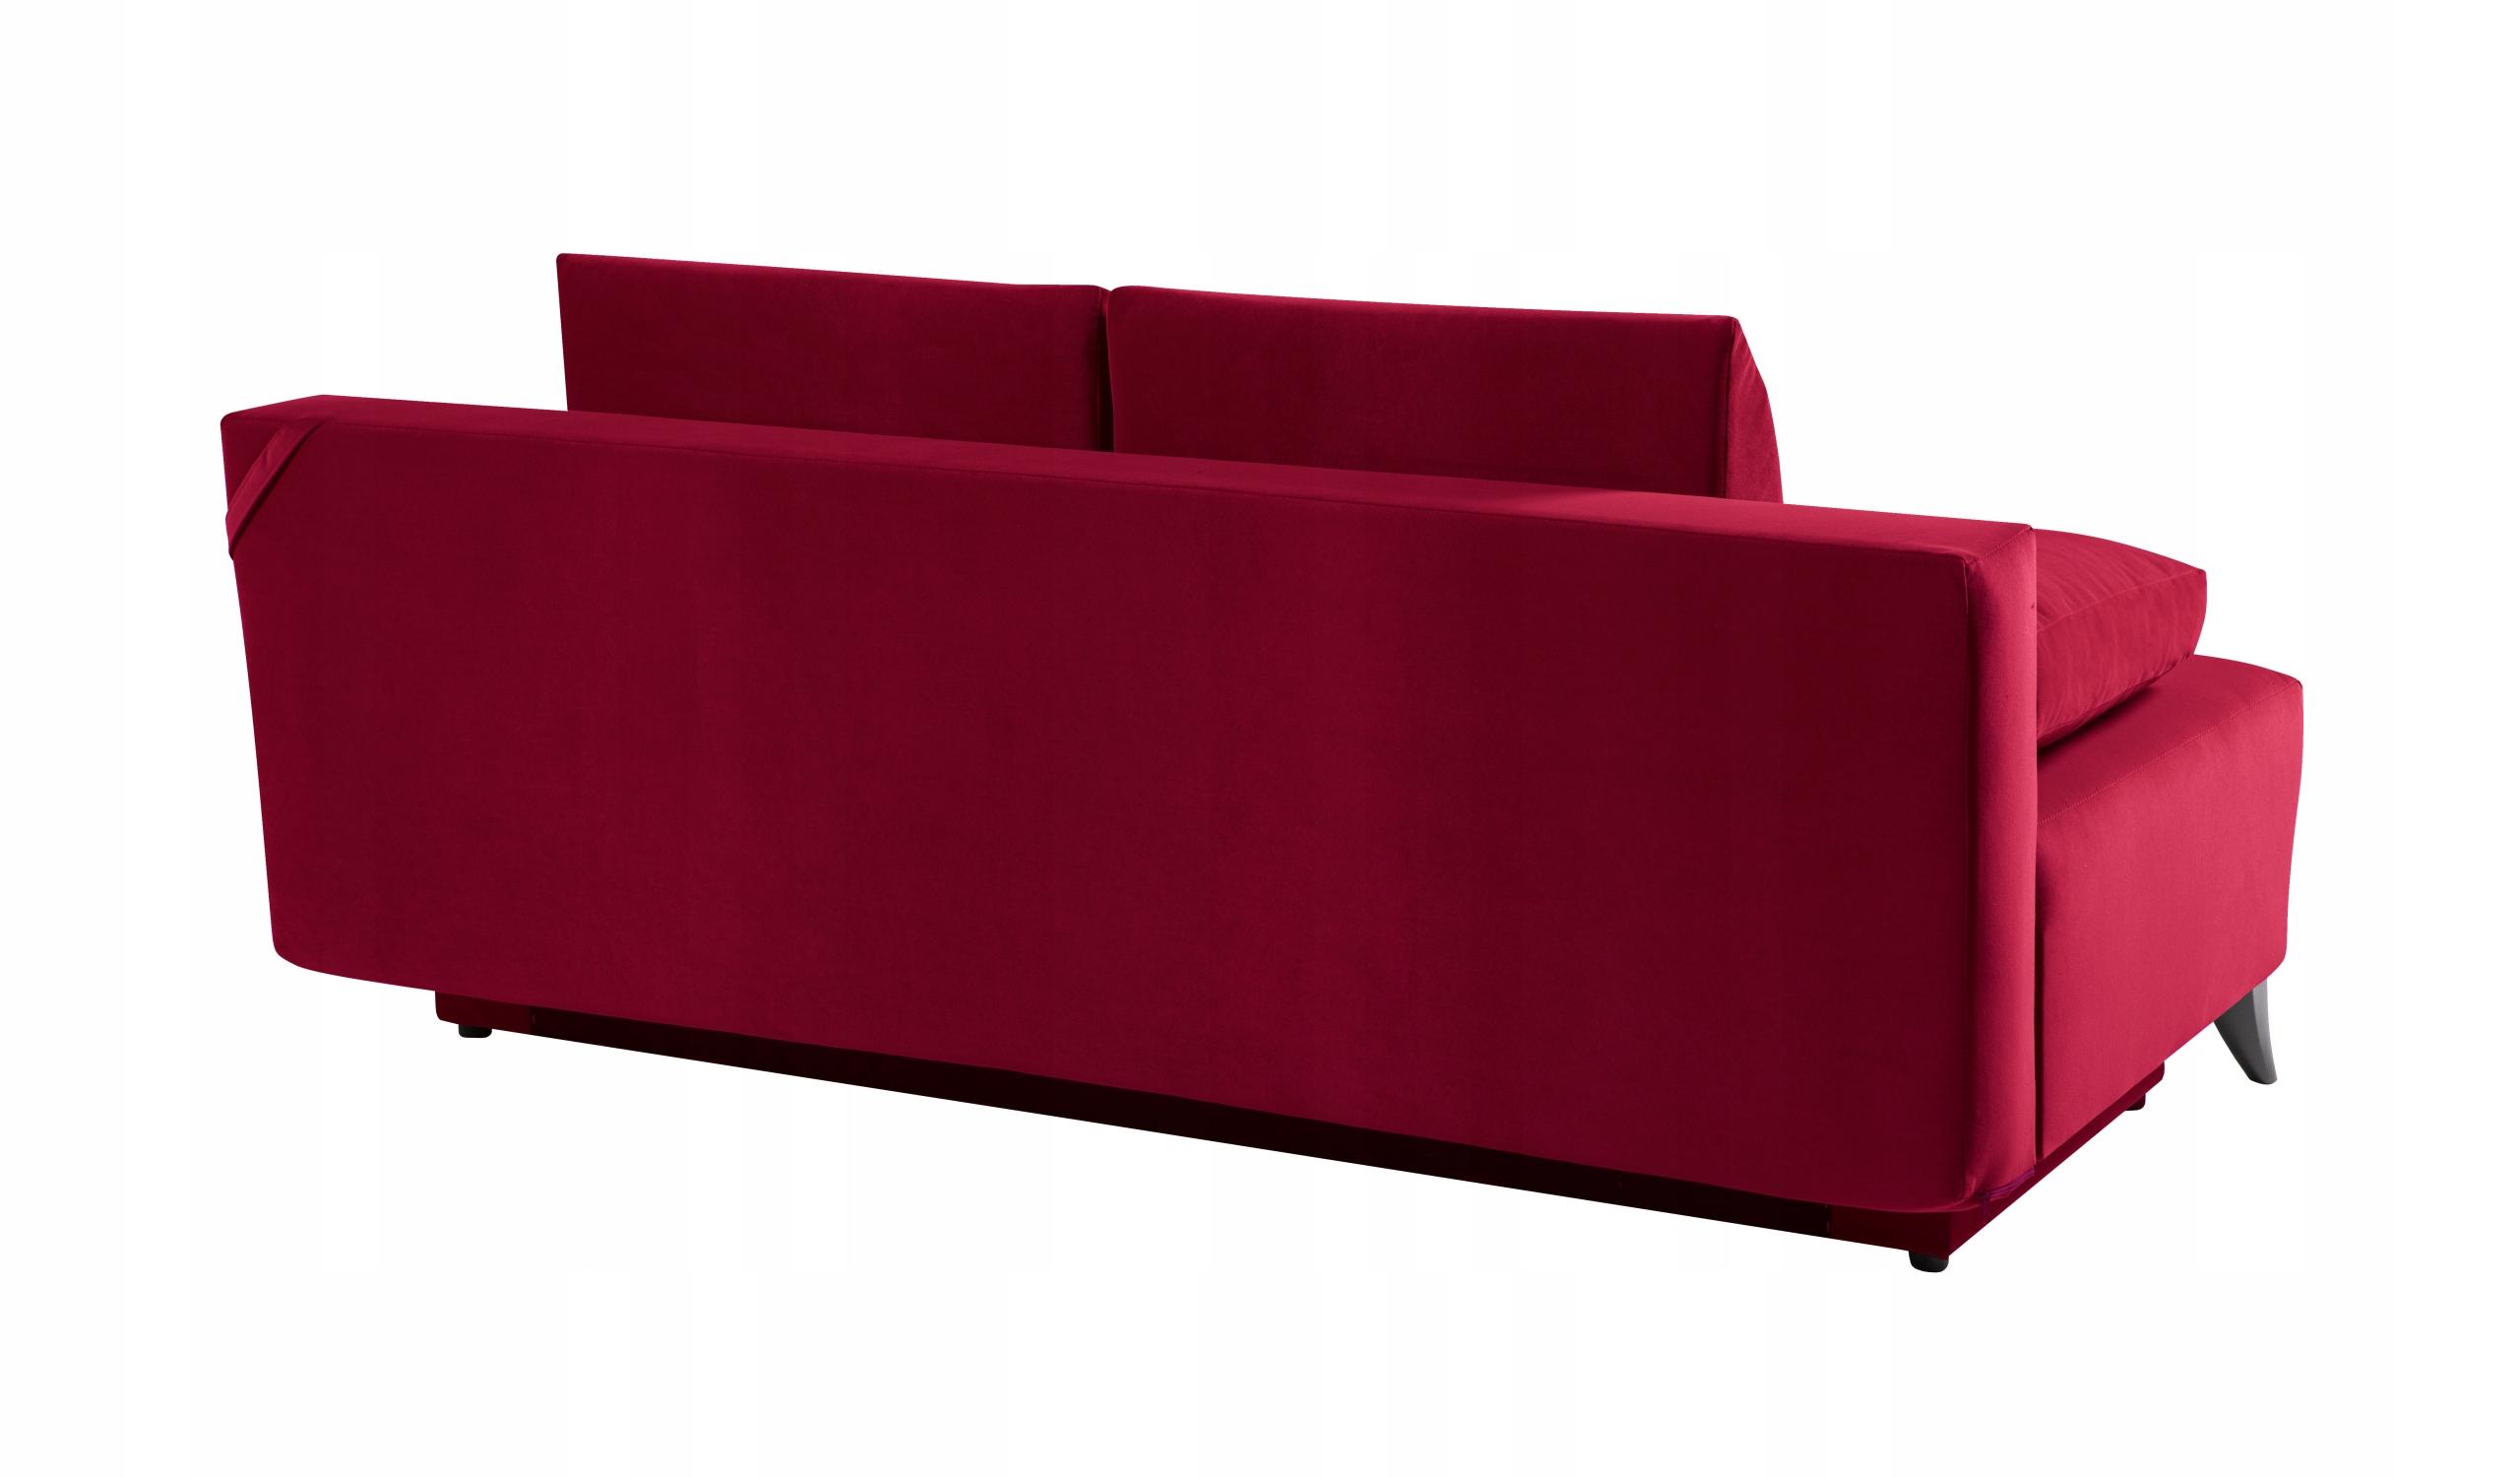 BEFÖRDERUNG! Sofa für das Wohnzimmer DIVA STYL LOFT FROM HAND! Die Tiefe der Möbel beträgt 98 cm